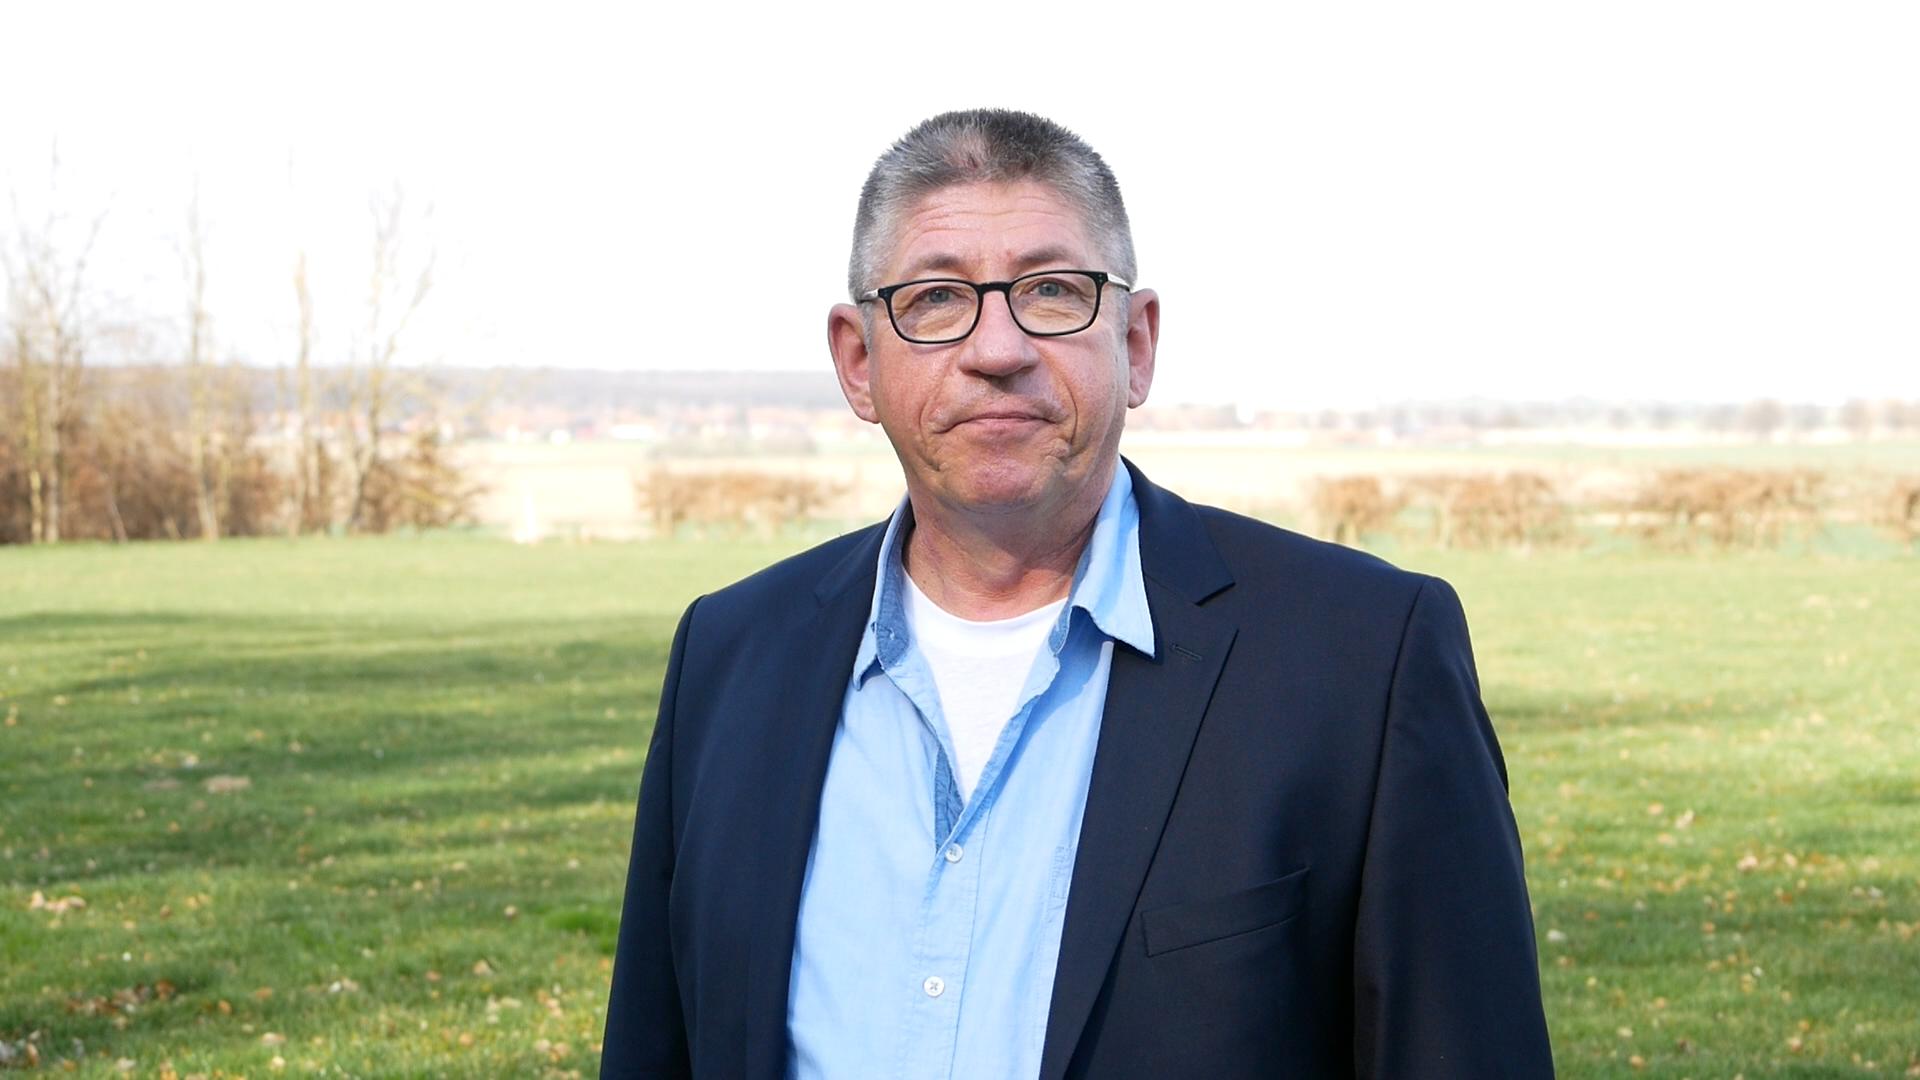 Unser Samtgemeindebürgermeister-Kandidat stellt sich vor